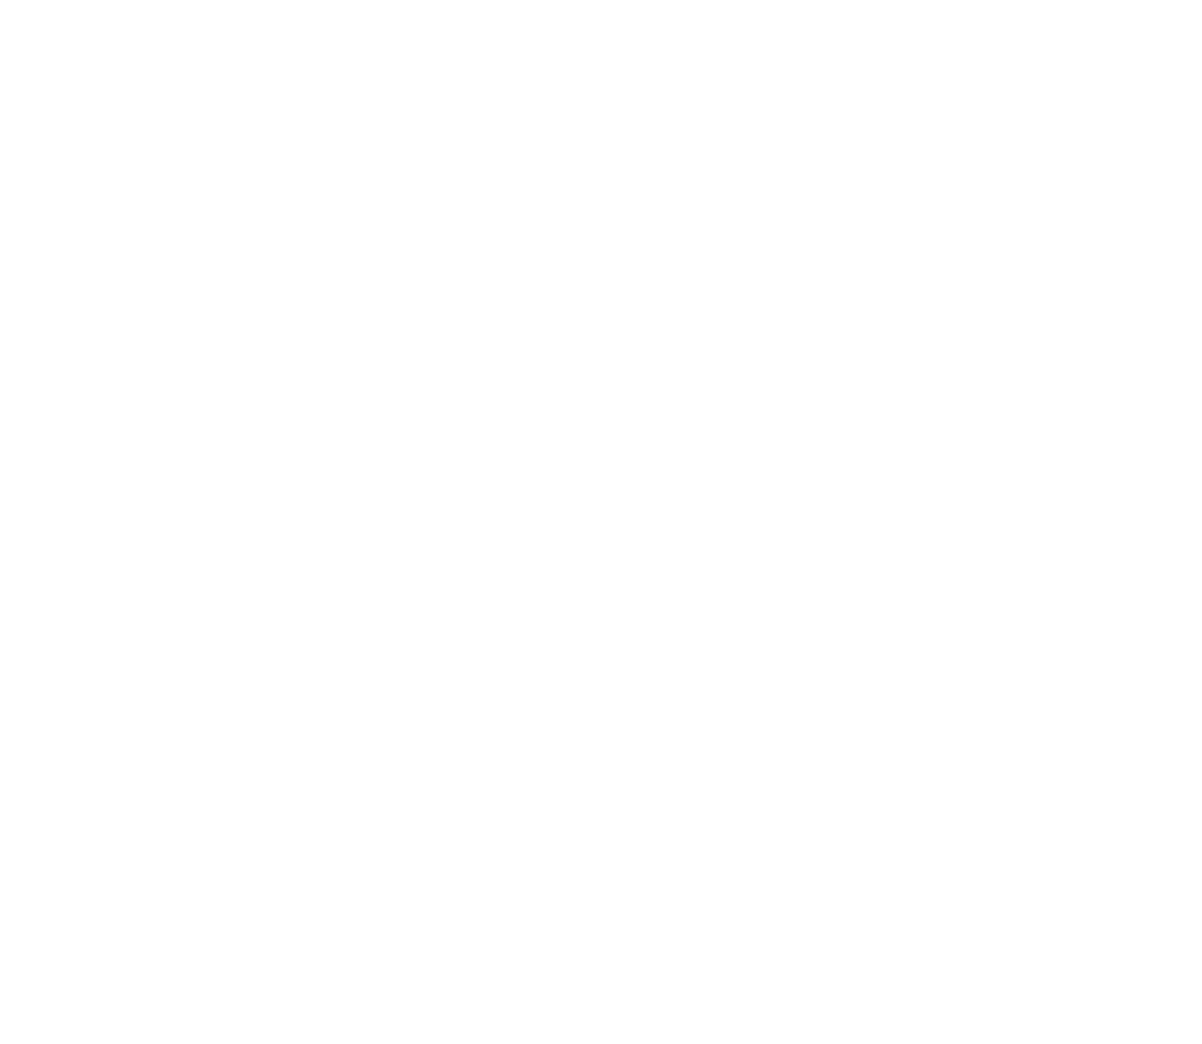 OUTtvGo